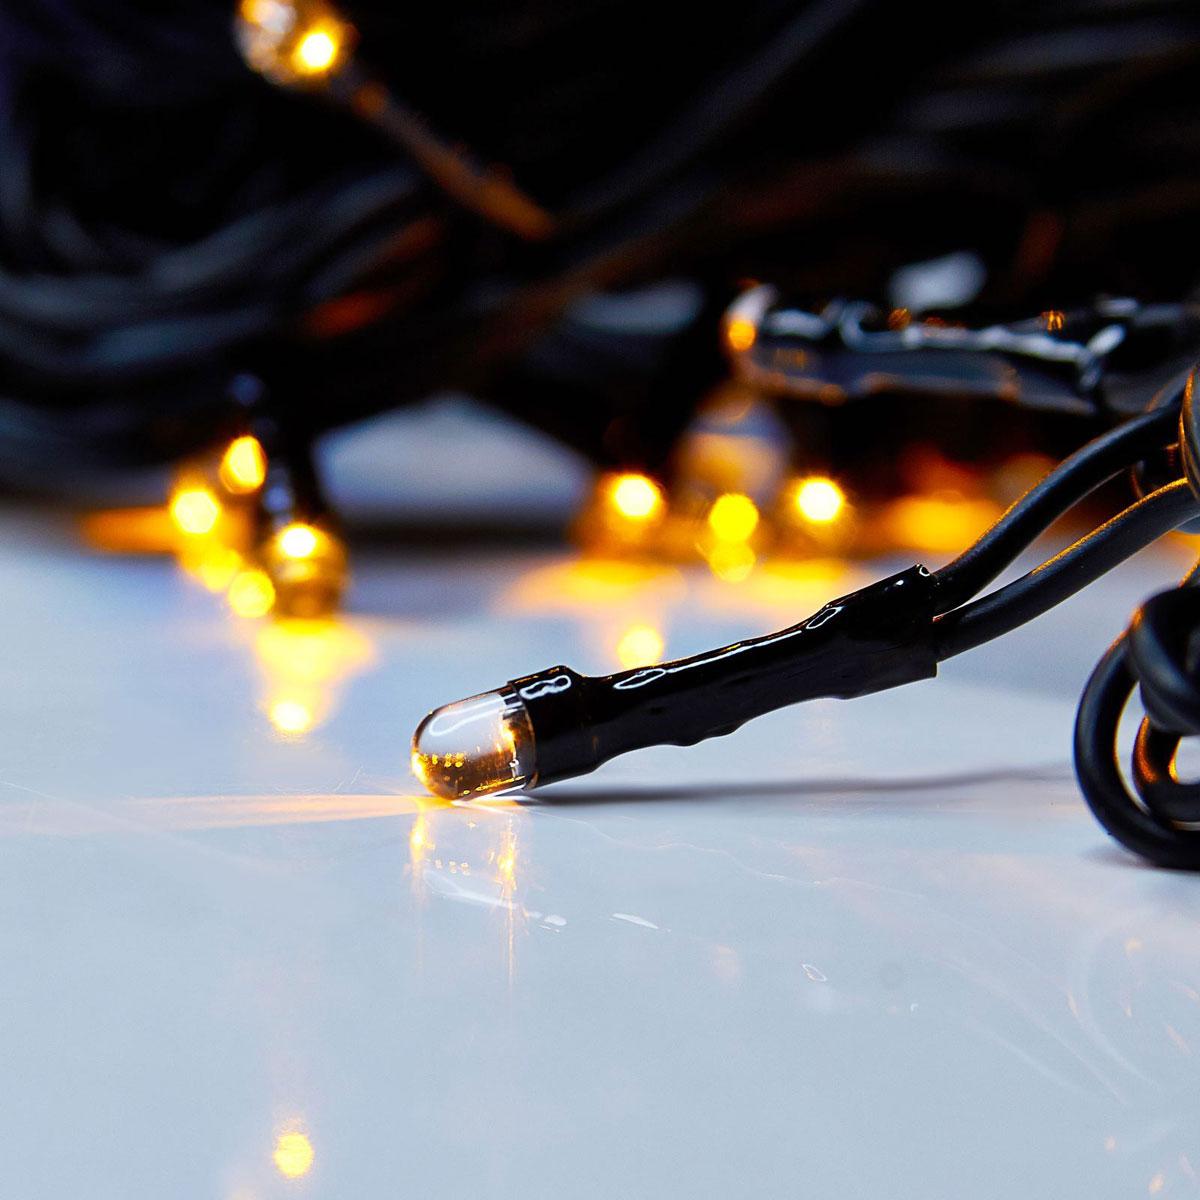 Гирлянда светодиодная Luazon Метраж, уличная, 50 ламп, 220 V, 5 м, цвет: желтый. 187238187238Светодиодные гирлянды, ленты и т.д. — это отличный вариант для новогоднего оформления интерьера или фасада. С их помощью помещение любого размера можно превратить в праздничный зал, а внешние элементы зданий, украшенные ими, мгновенно станут напоминать очертания сказочного дворца. Такие украшения создают ауру предвкушения чуда. Деревья, фасады, витрины, окна и арки будто специально созданы, чтобы вы украсили их светящимися нитями.